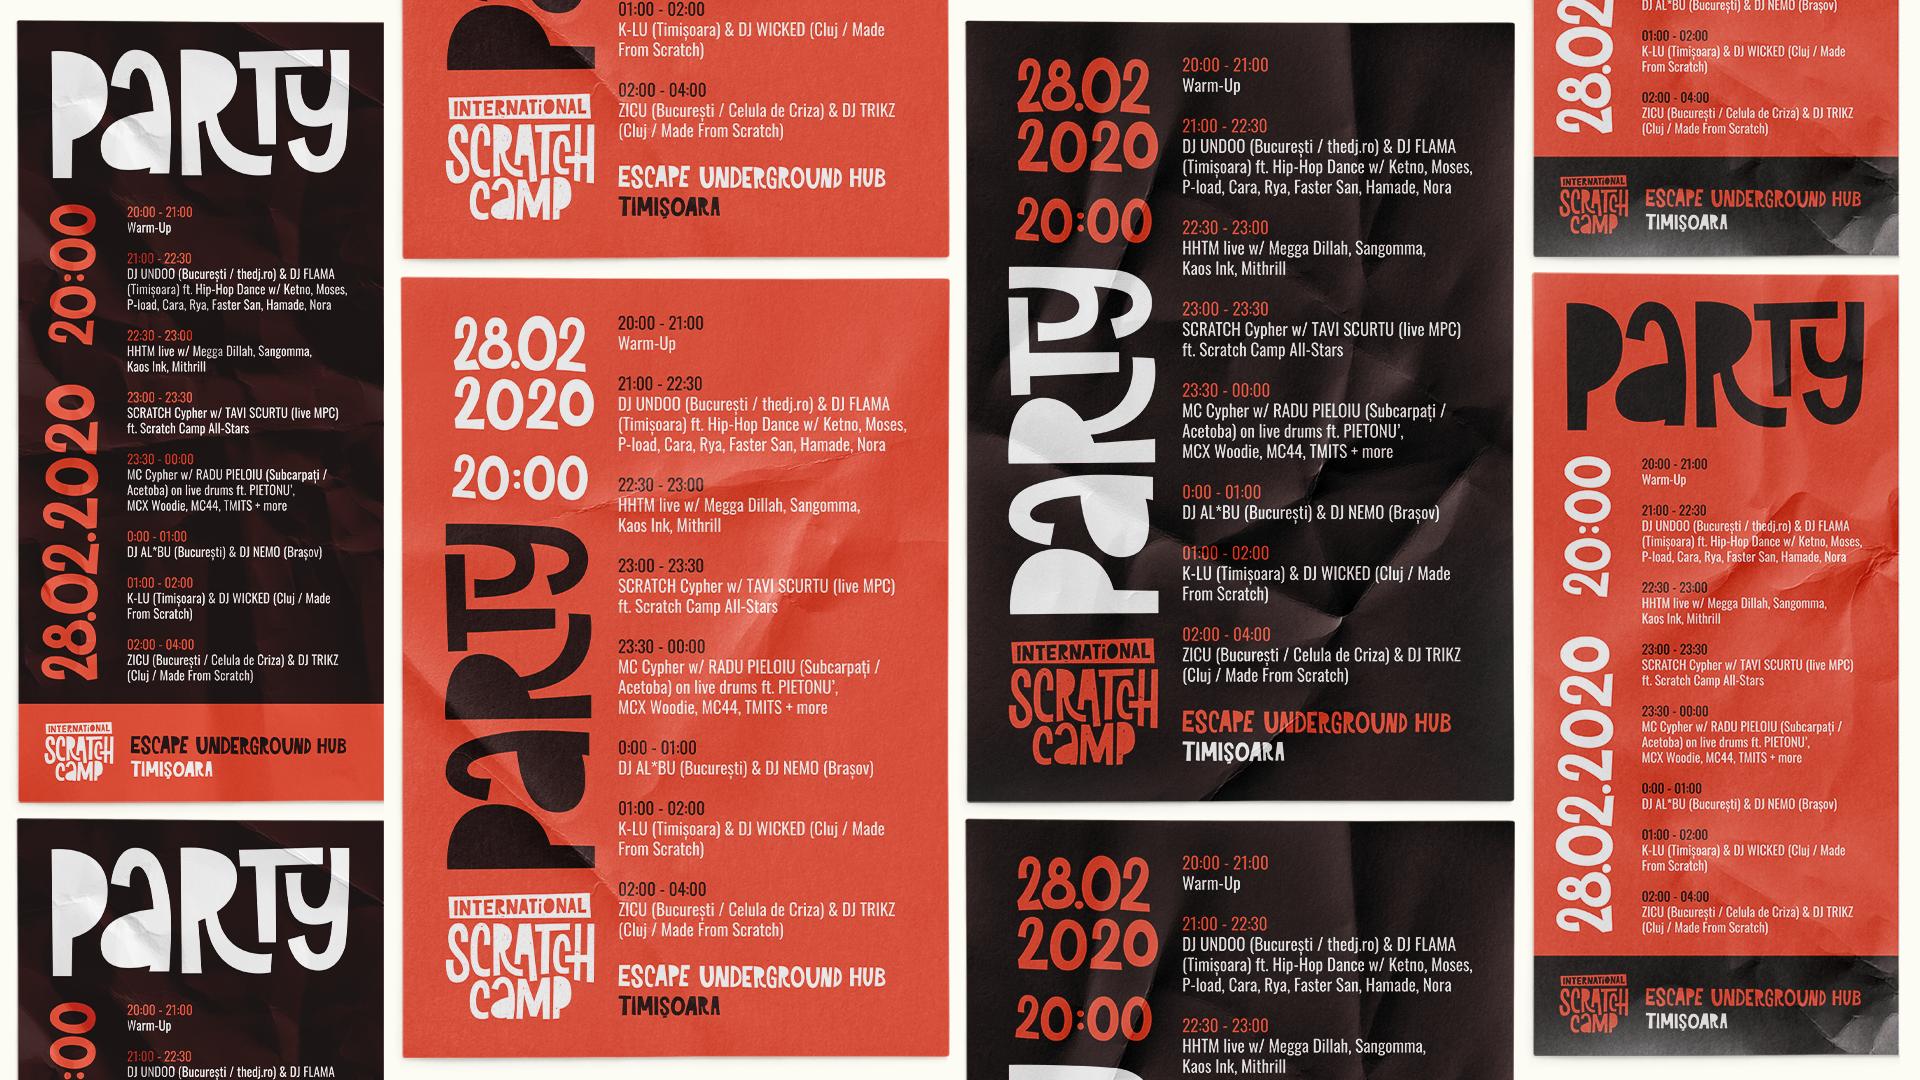 Sratch-Camp-08